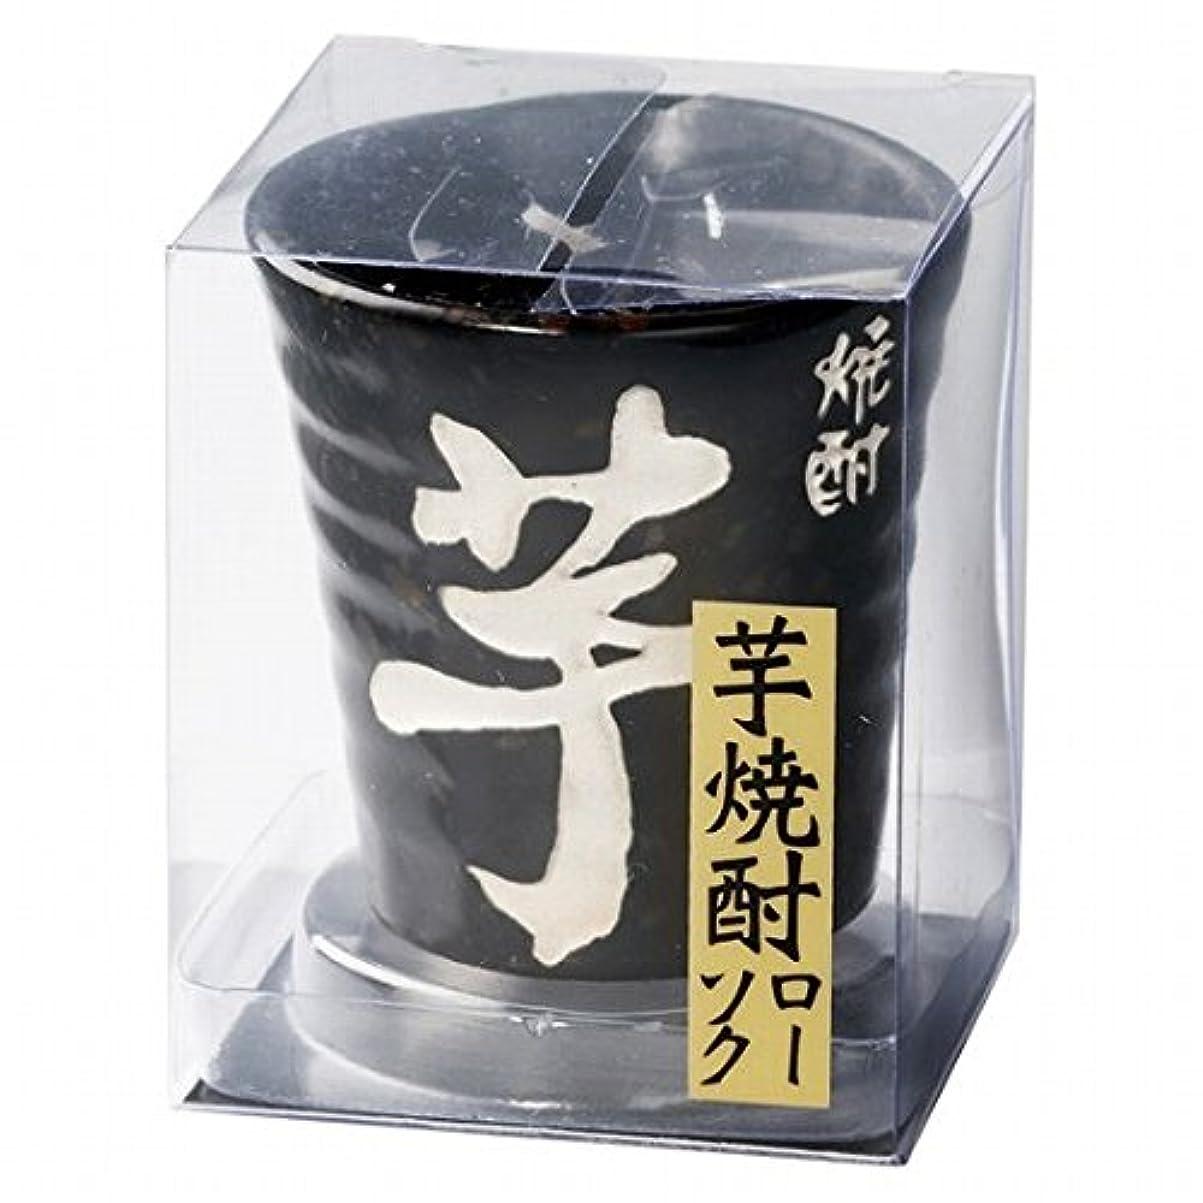 柔和広告主検閲カメヤマキャンドル(kameyama candle) 芋焼酎ローソク キャンドル